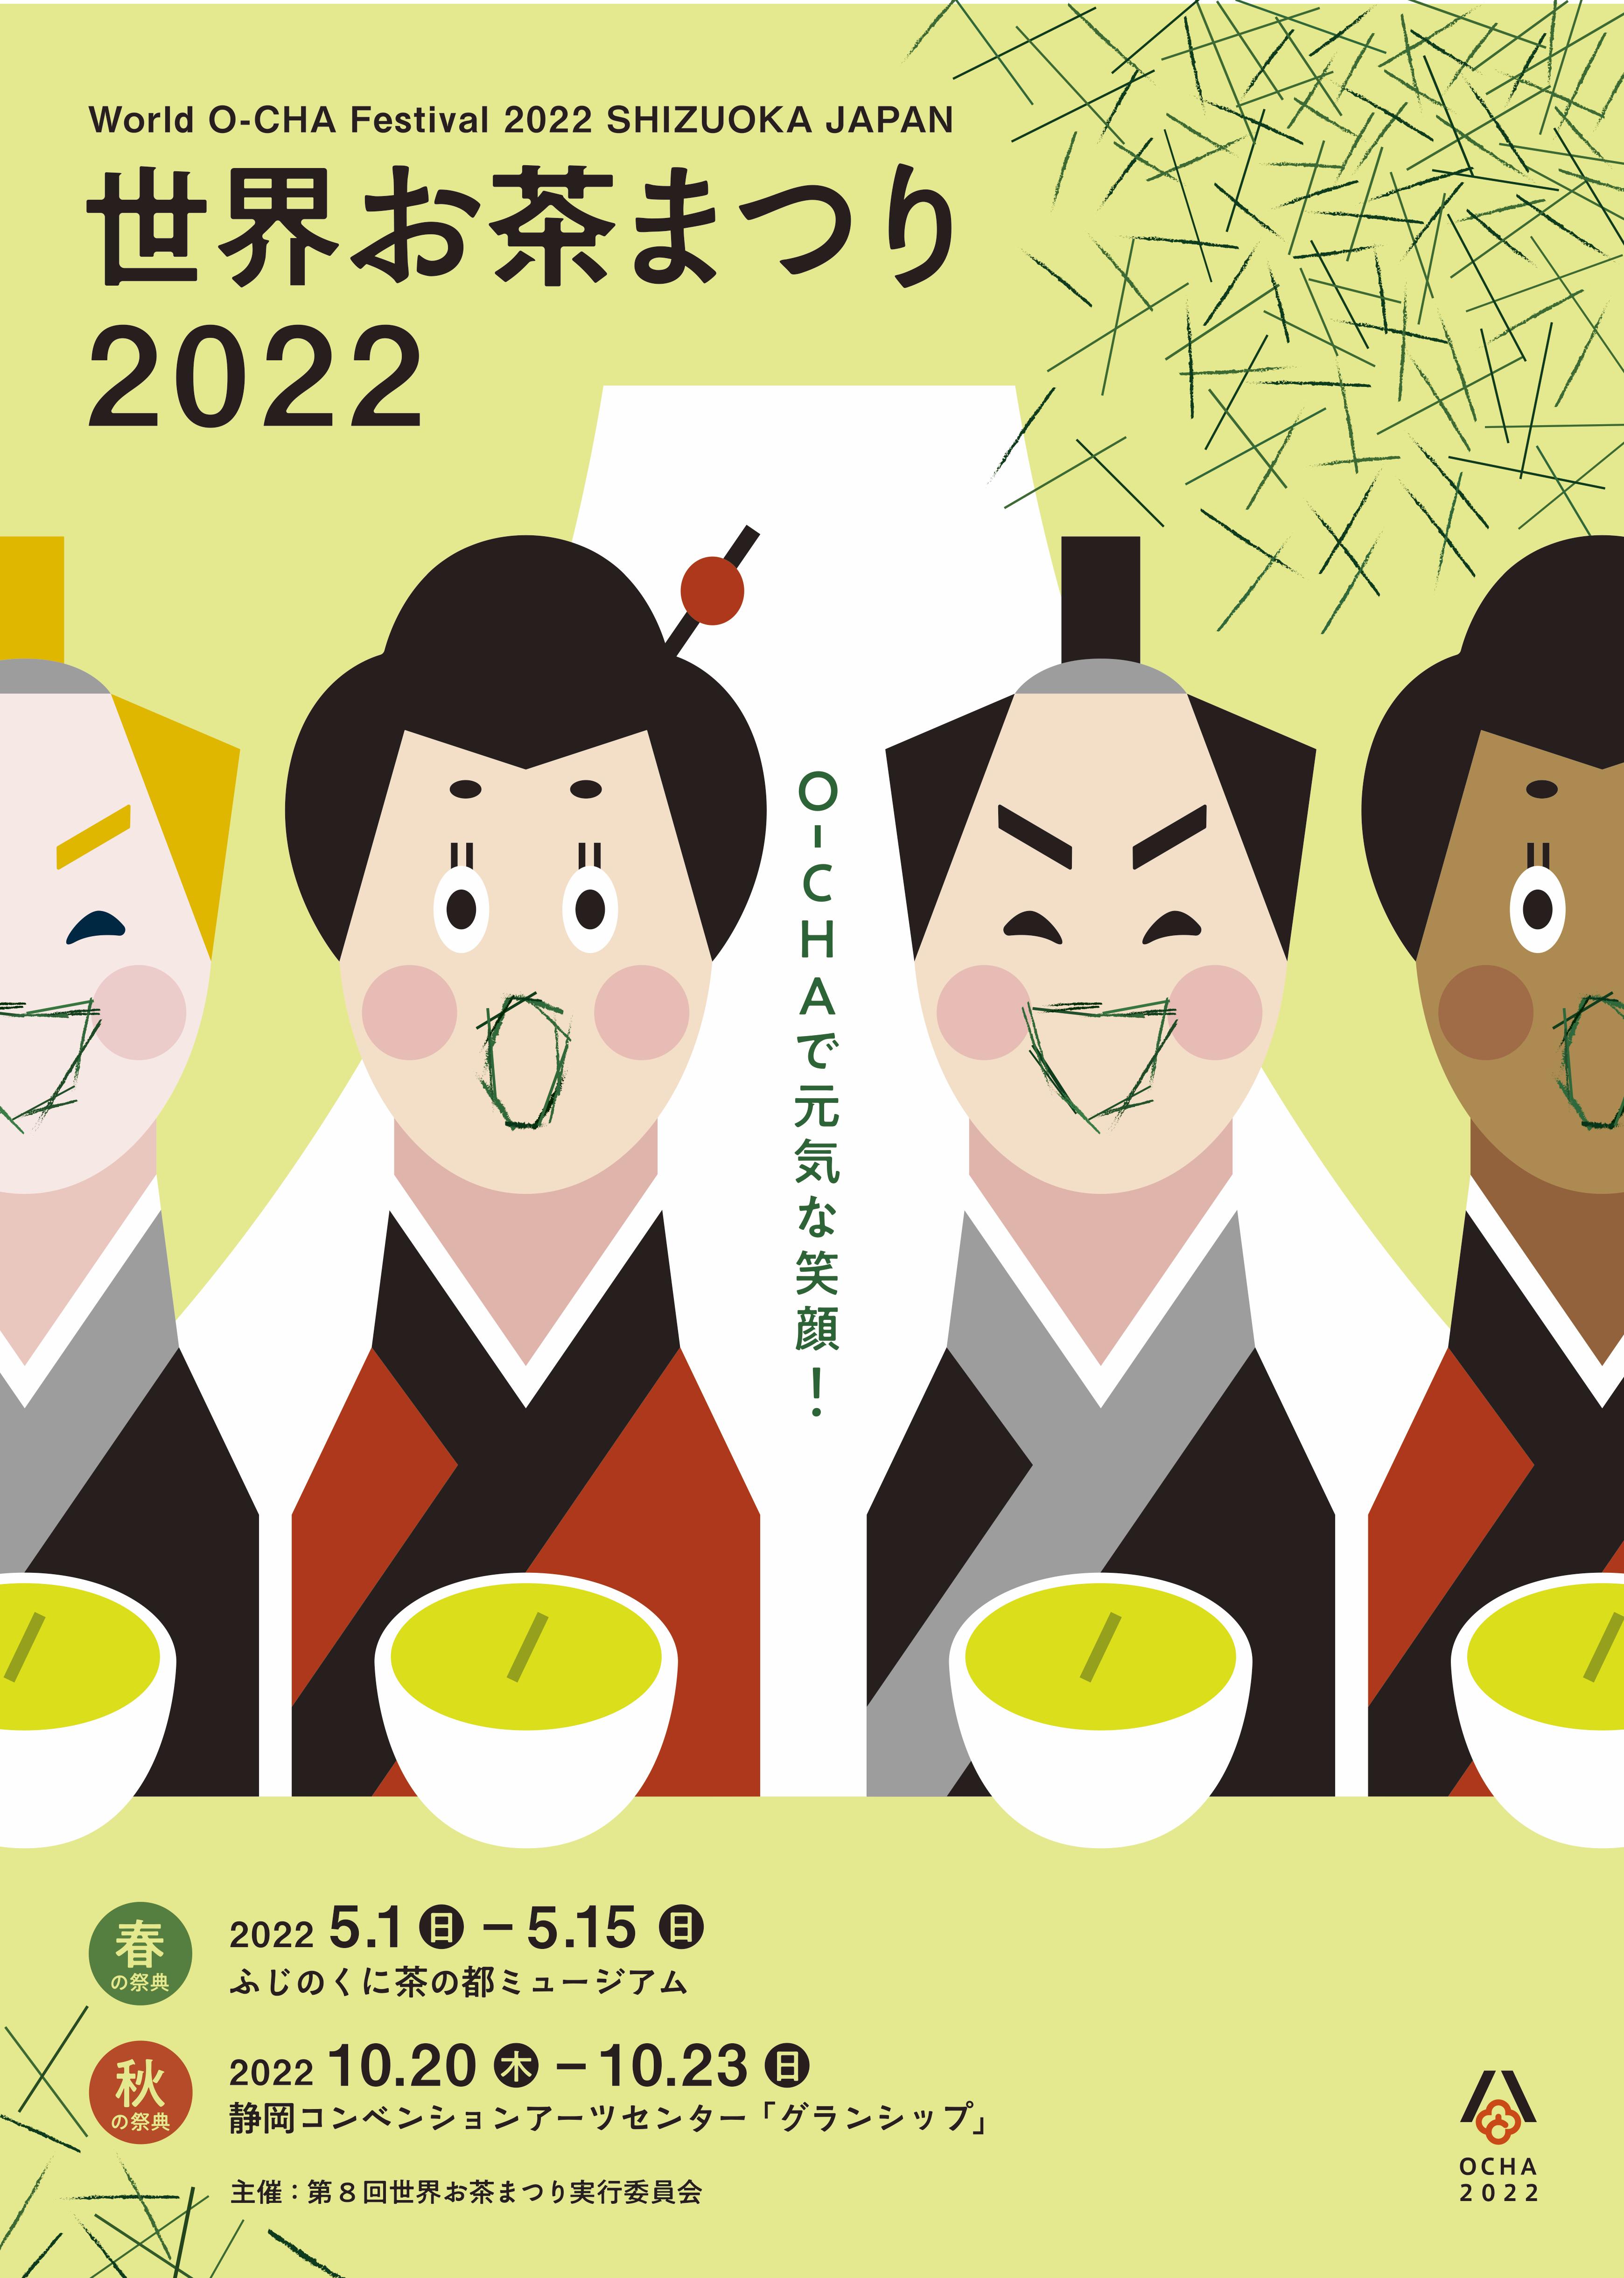 お茶まつりポスター製作者インタビュー